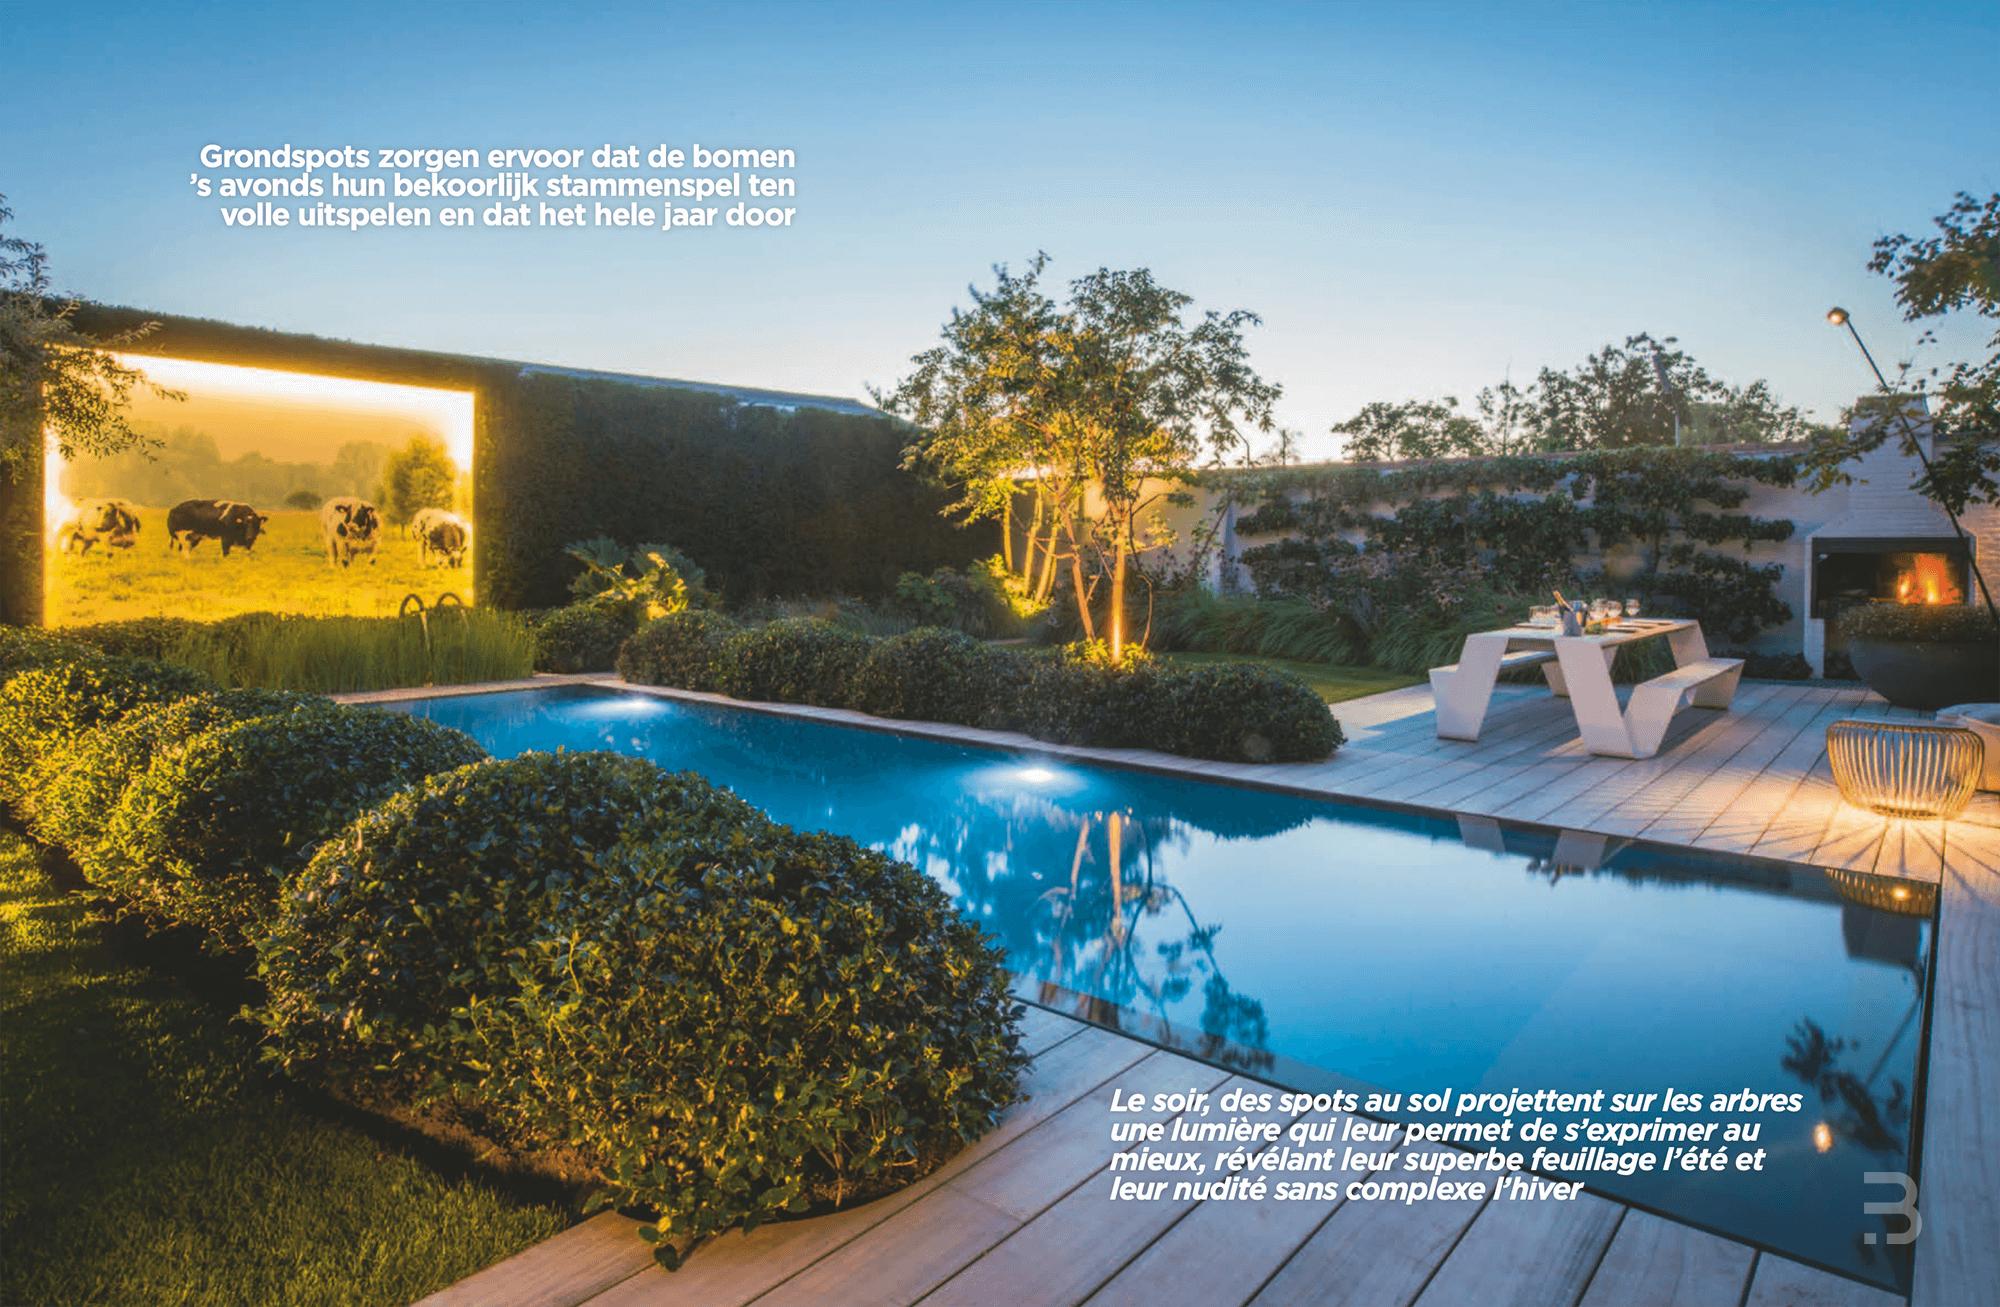 Afbeelding nieuwsitem Magazine 'Chic gardens' – De klokrond tuingenieten